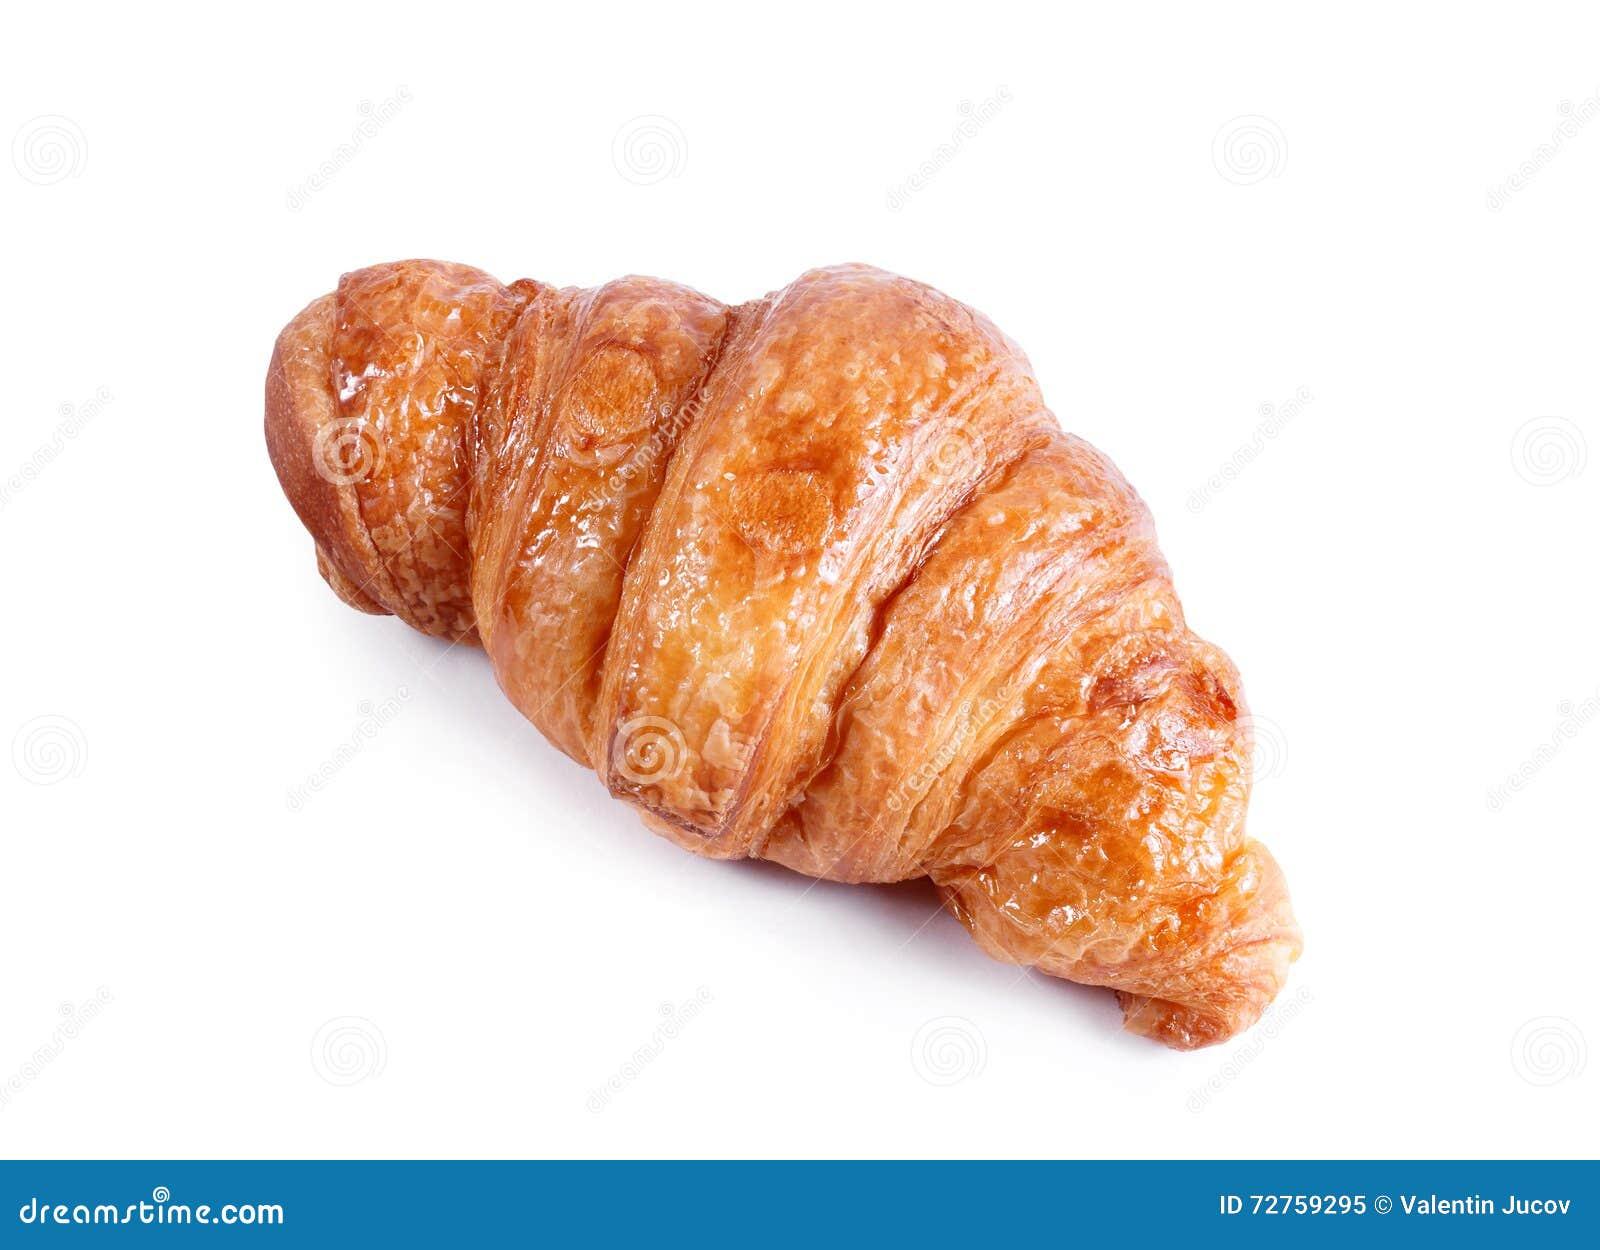 Νόστιμος croissant με τη σοκολάτα και μαρμελάδα που απομονώνεται στο λευκό